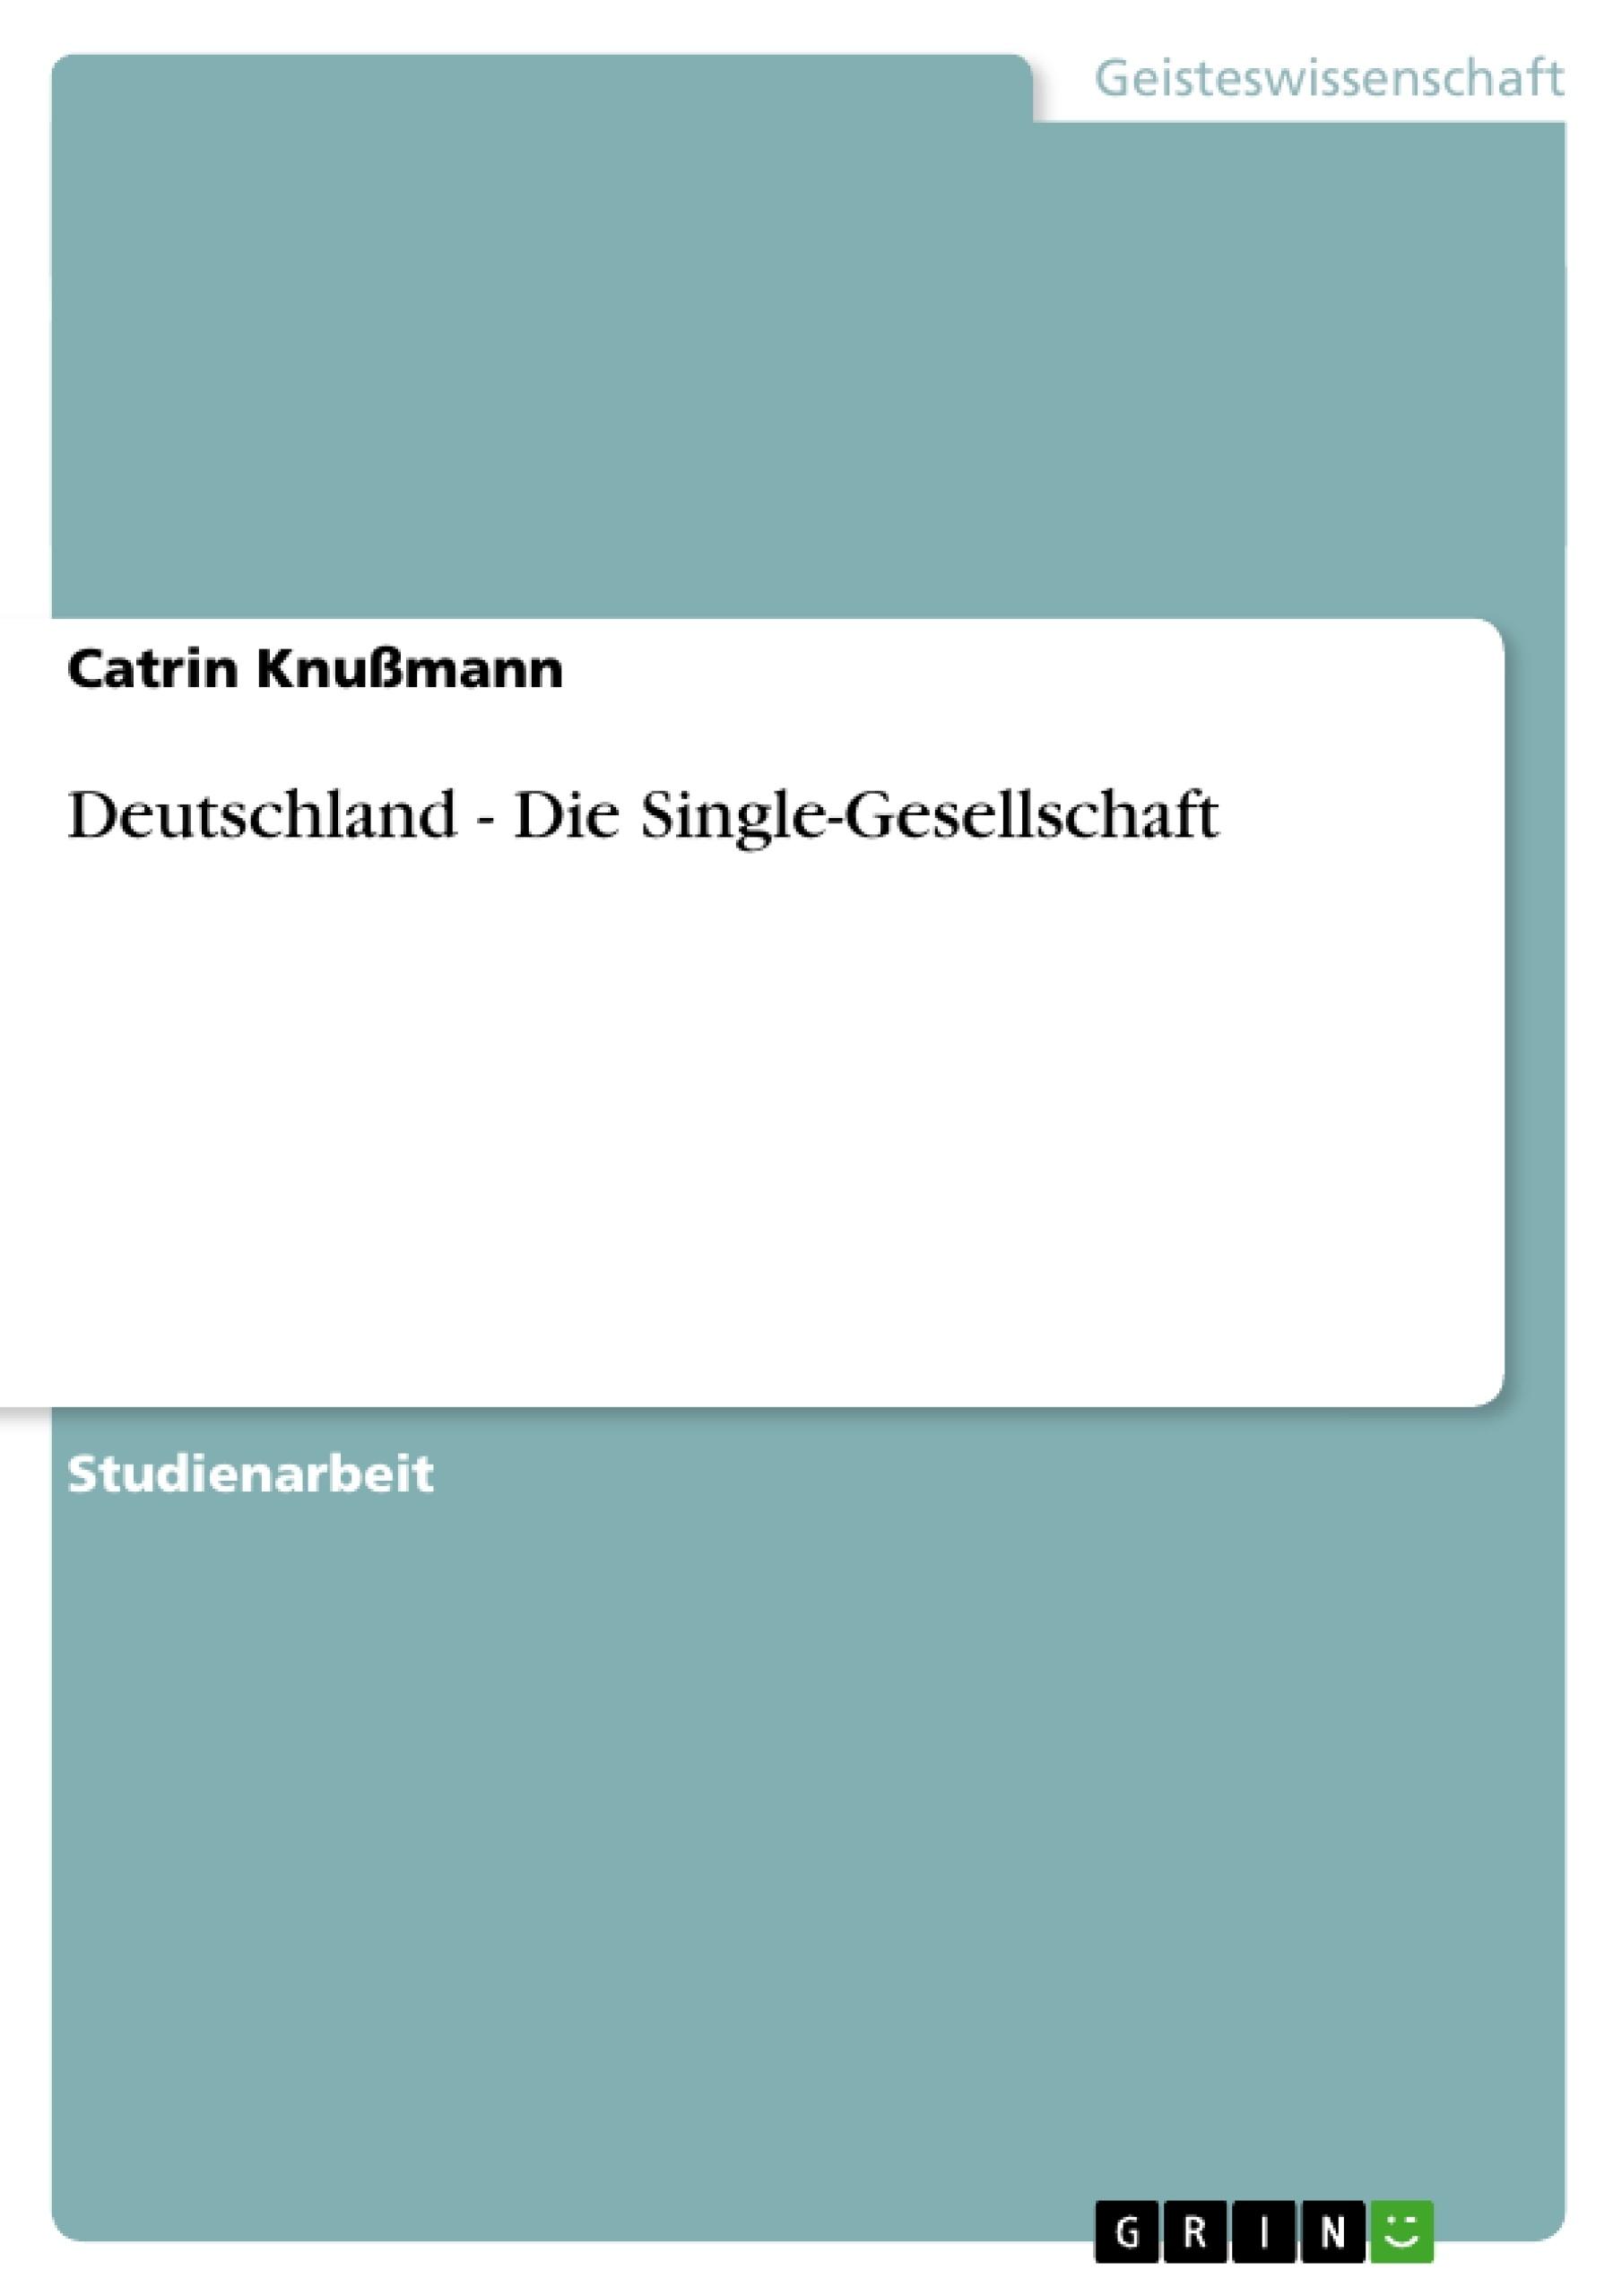 Titel: Deutschland - Die Single-Gesellschaft